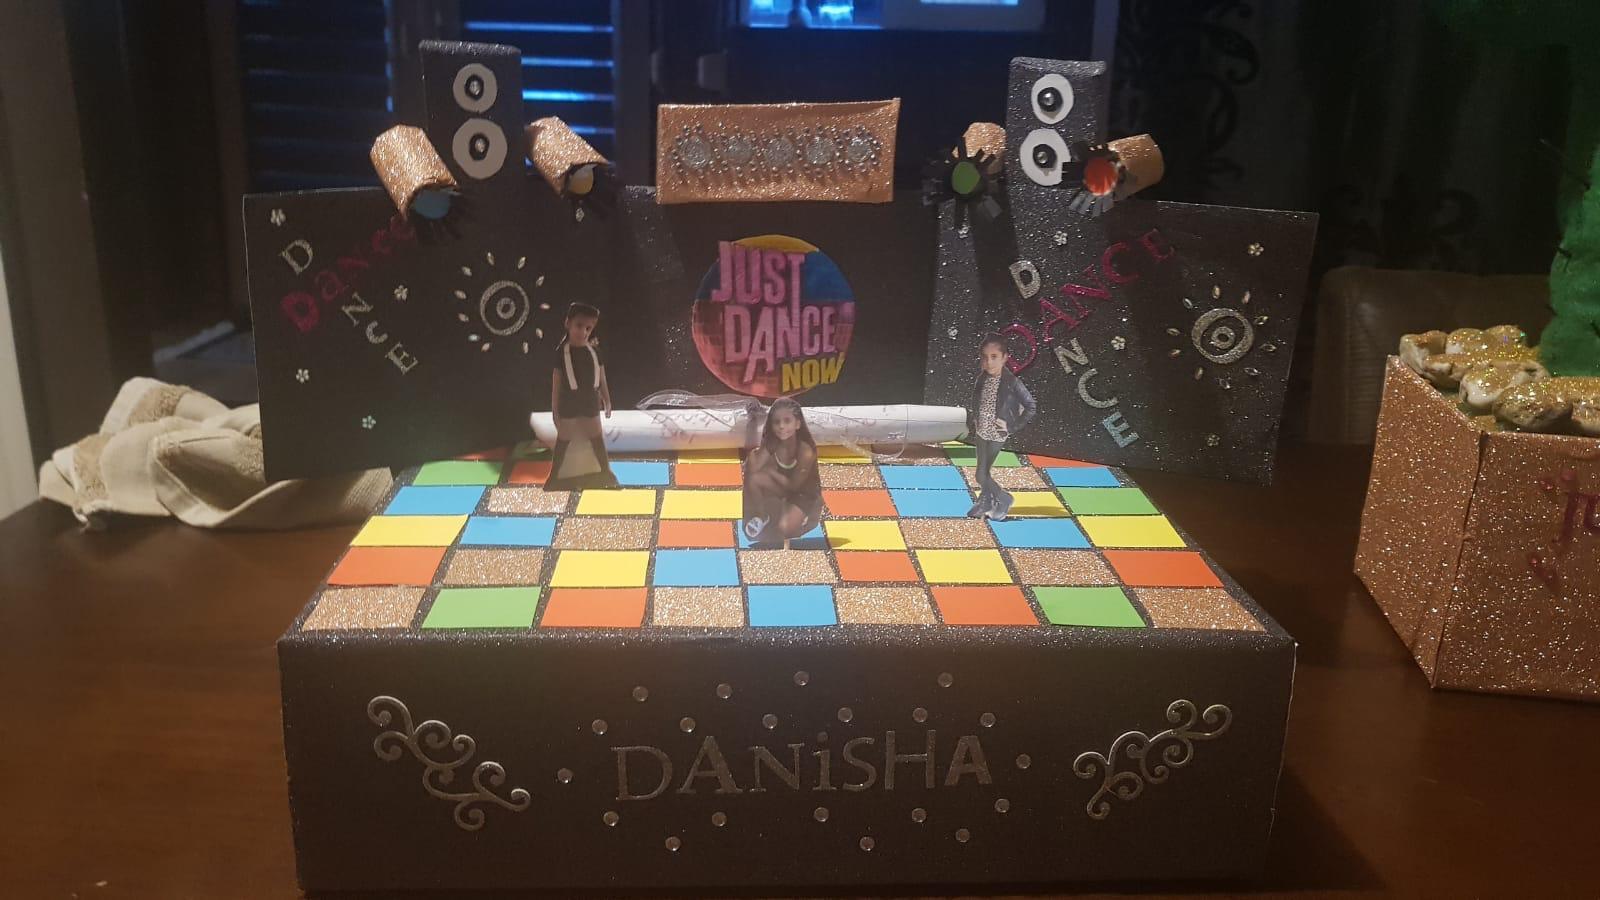 Sint-surprise: Danspodium voor Danisha, gemaakt door Demiano